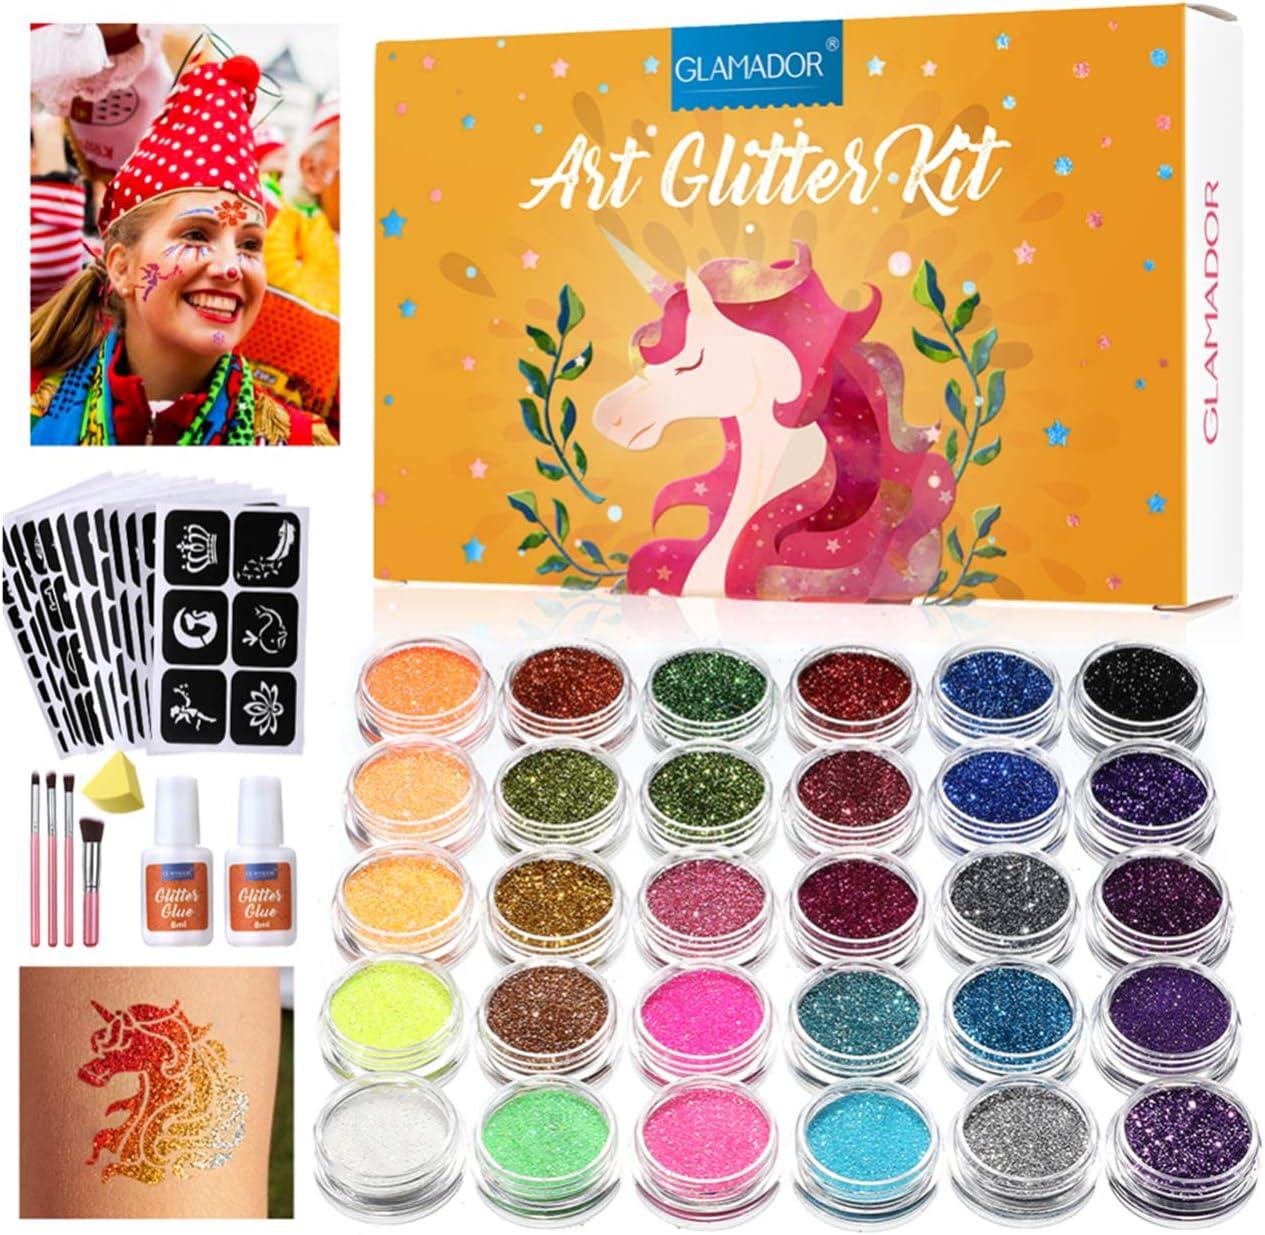 Kit de Tatuajes Temporales-GLAMADOR Brillo de Tatuaje 30 Colores, 145 Únicas Plantillas,4 Pinceles-Carnaval,Fiestas Cumpleaños,Eventos- Impermeable,No Tóxico,Regalo para Niños